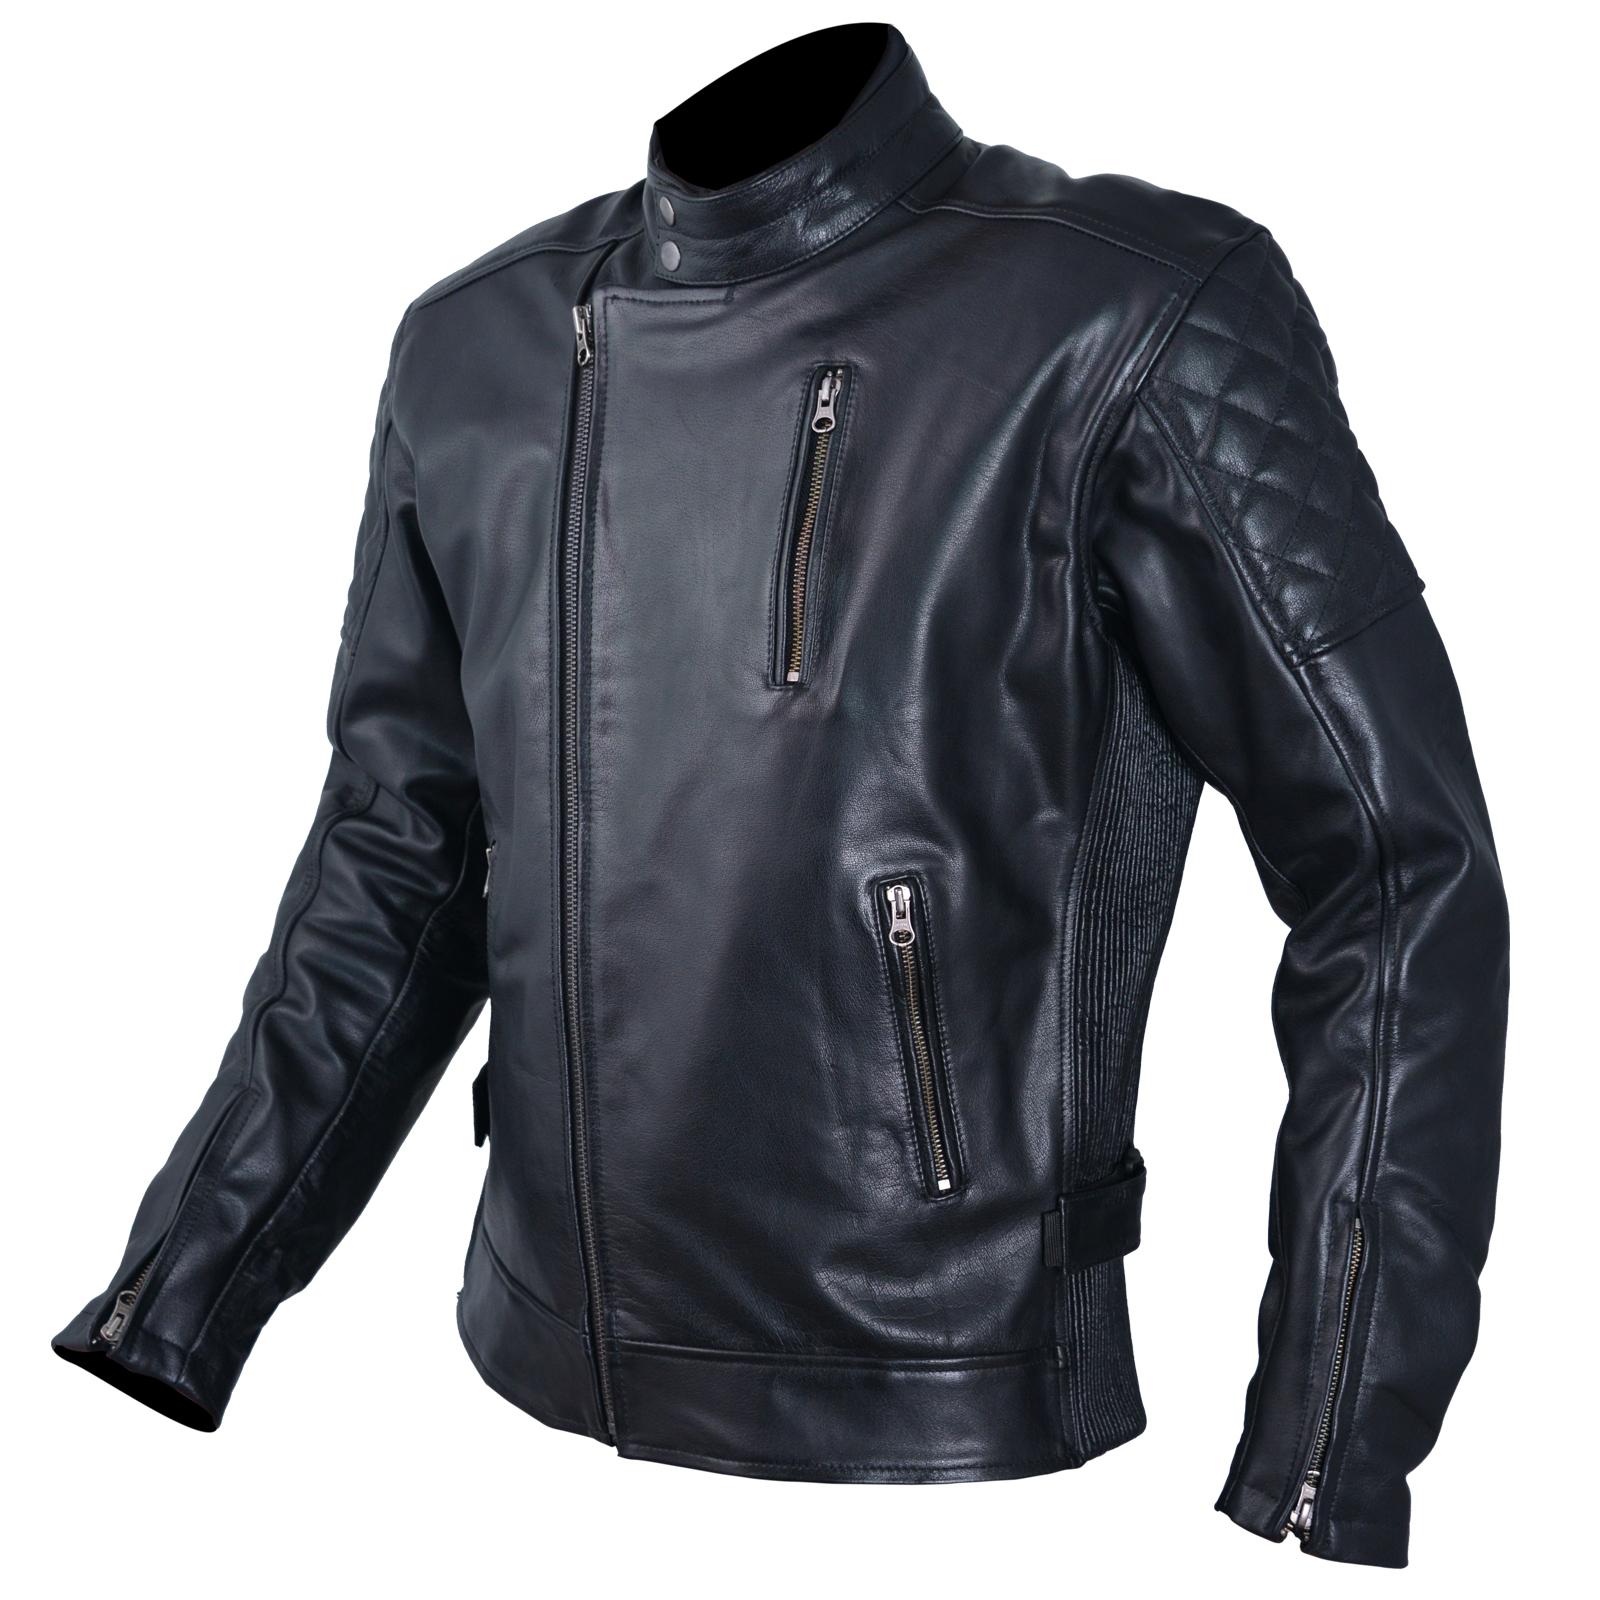 blouson cuir homme moto protections ce veste vintage thermique l ebay. Black Bedroom Furniture Sets. Home Design Ideas